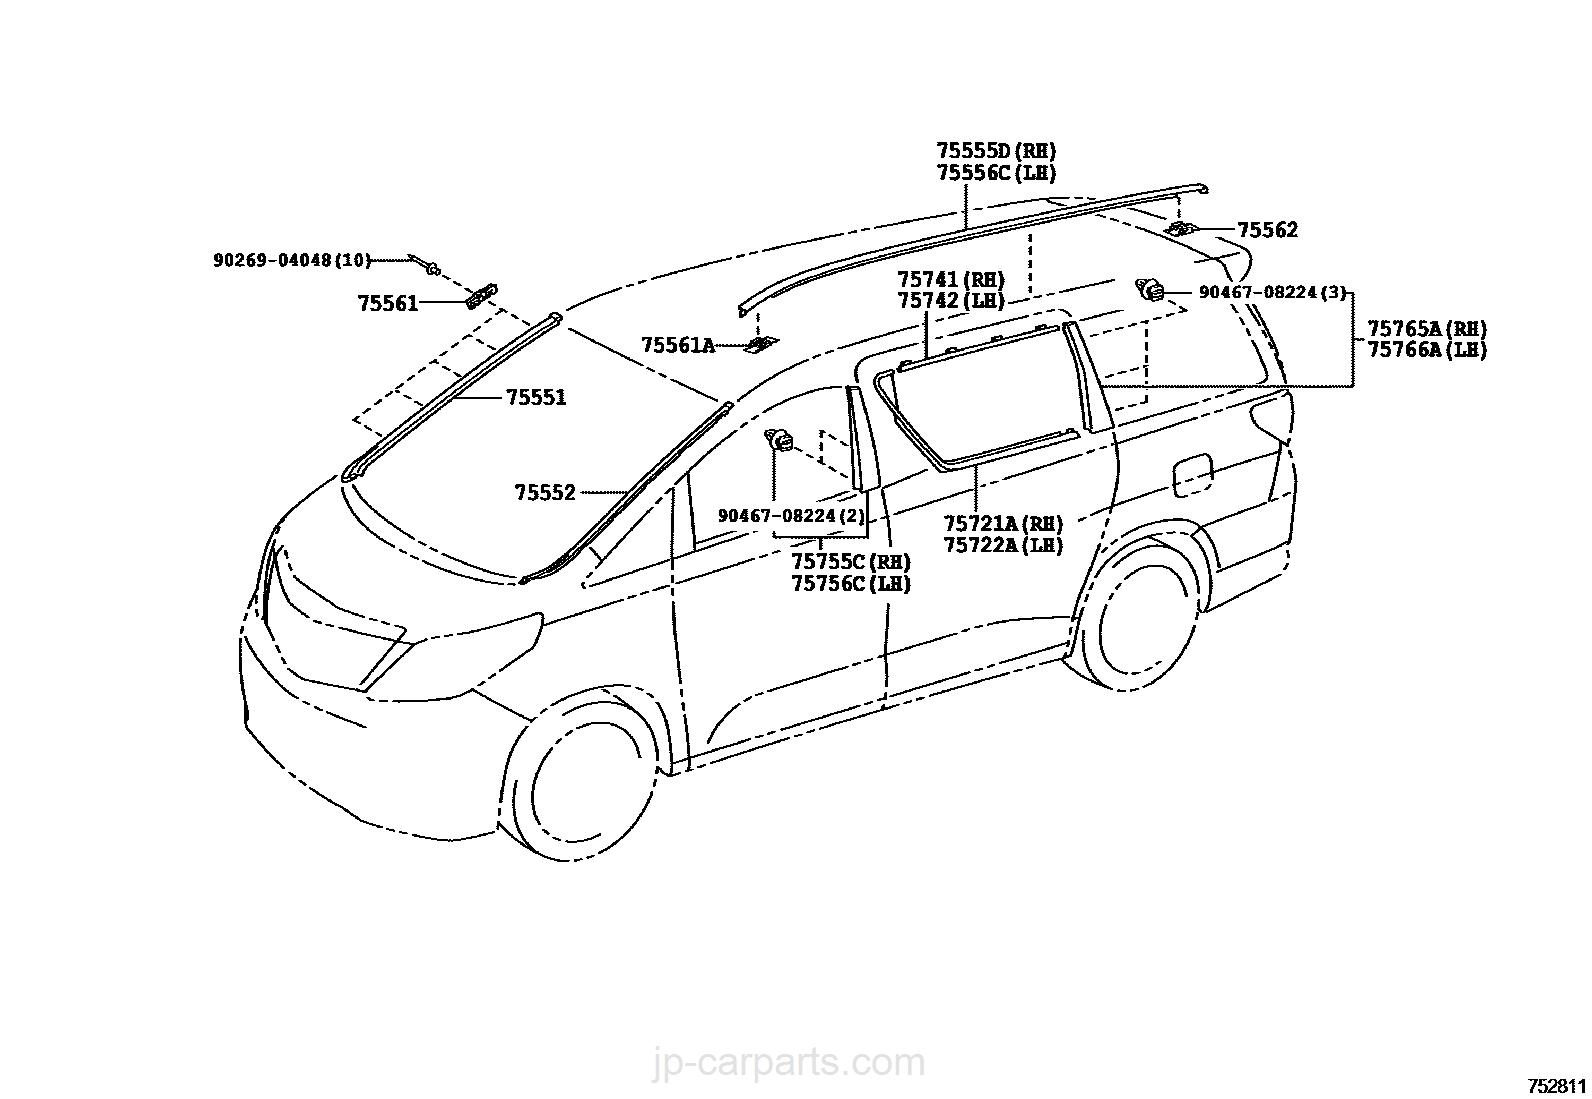 Alphard Vellfire Hv Toyota